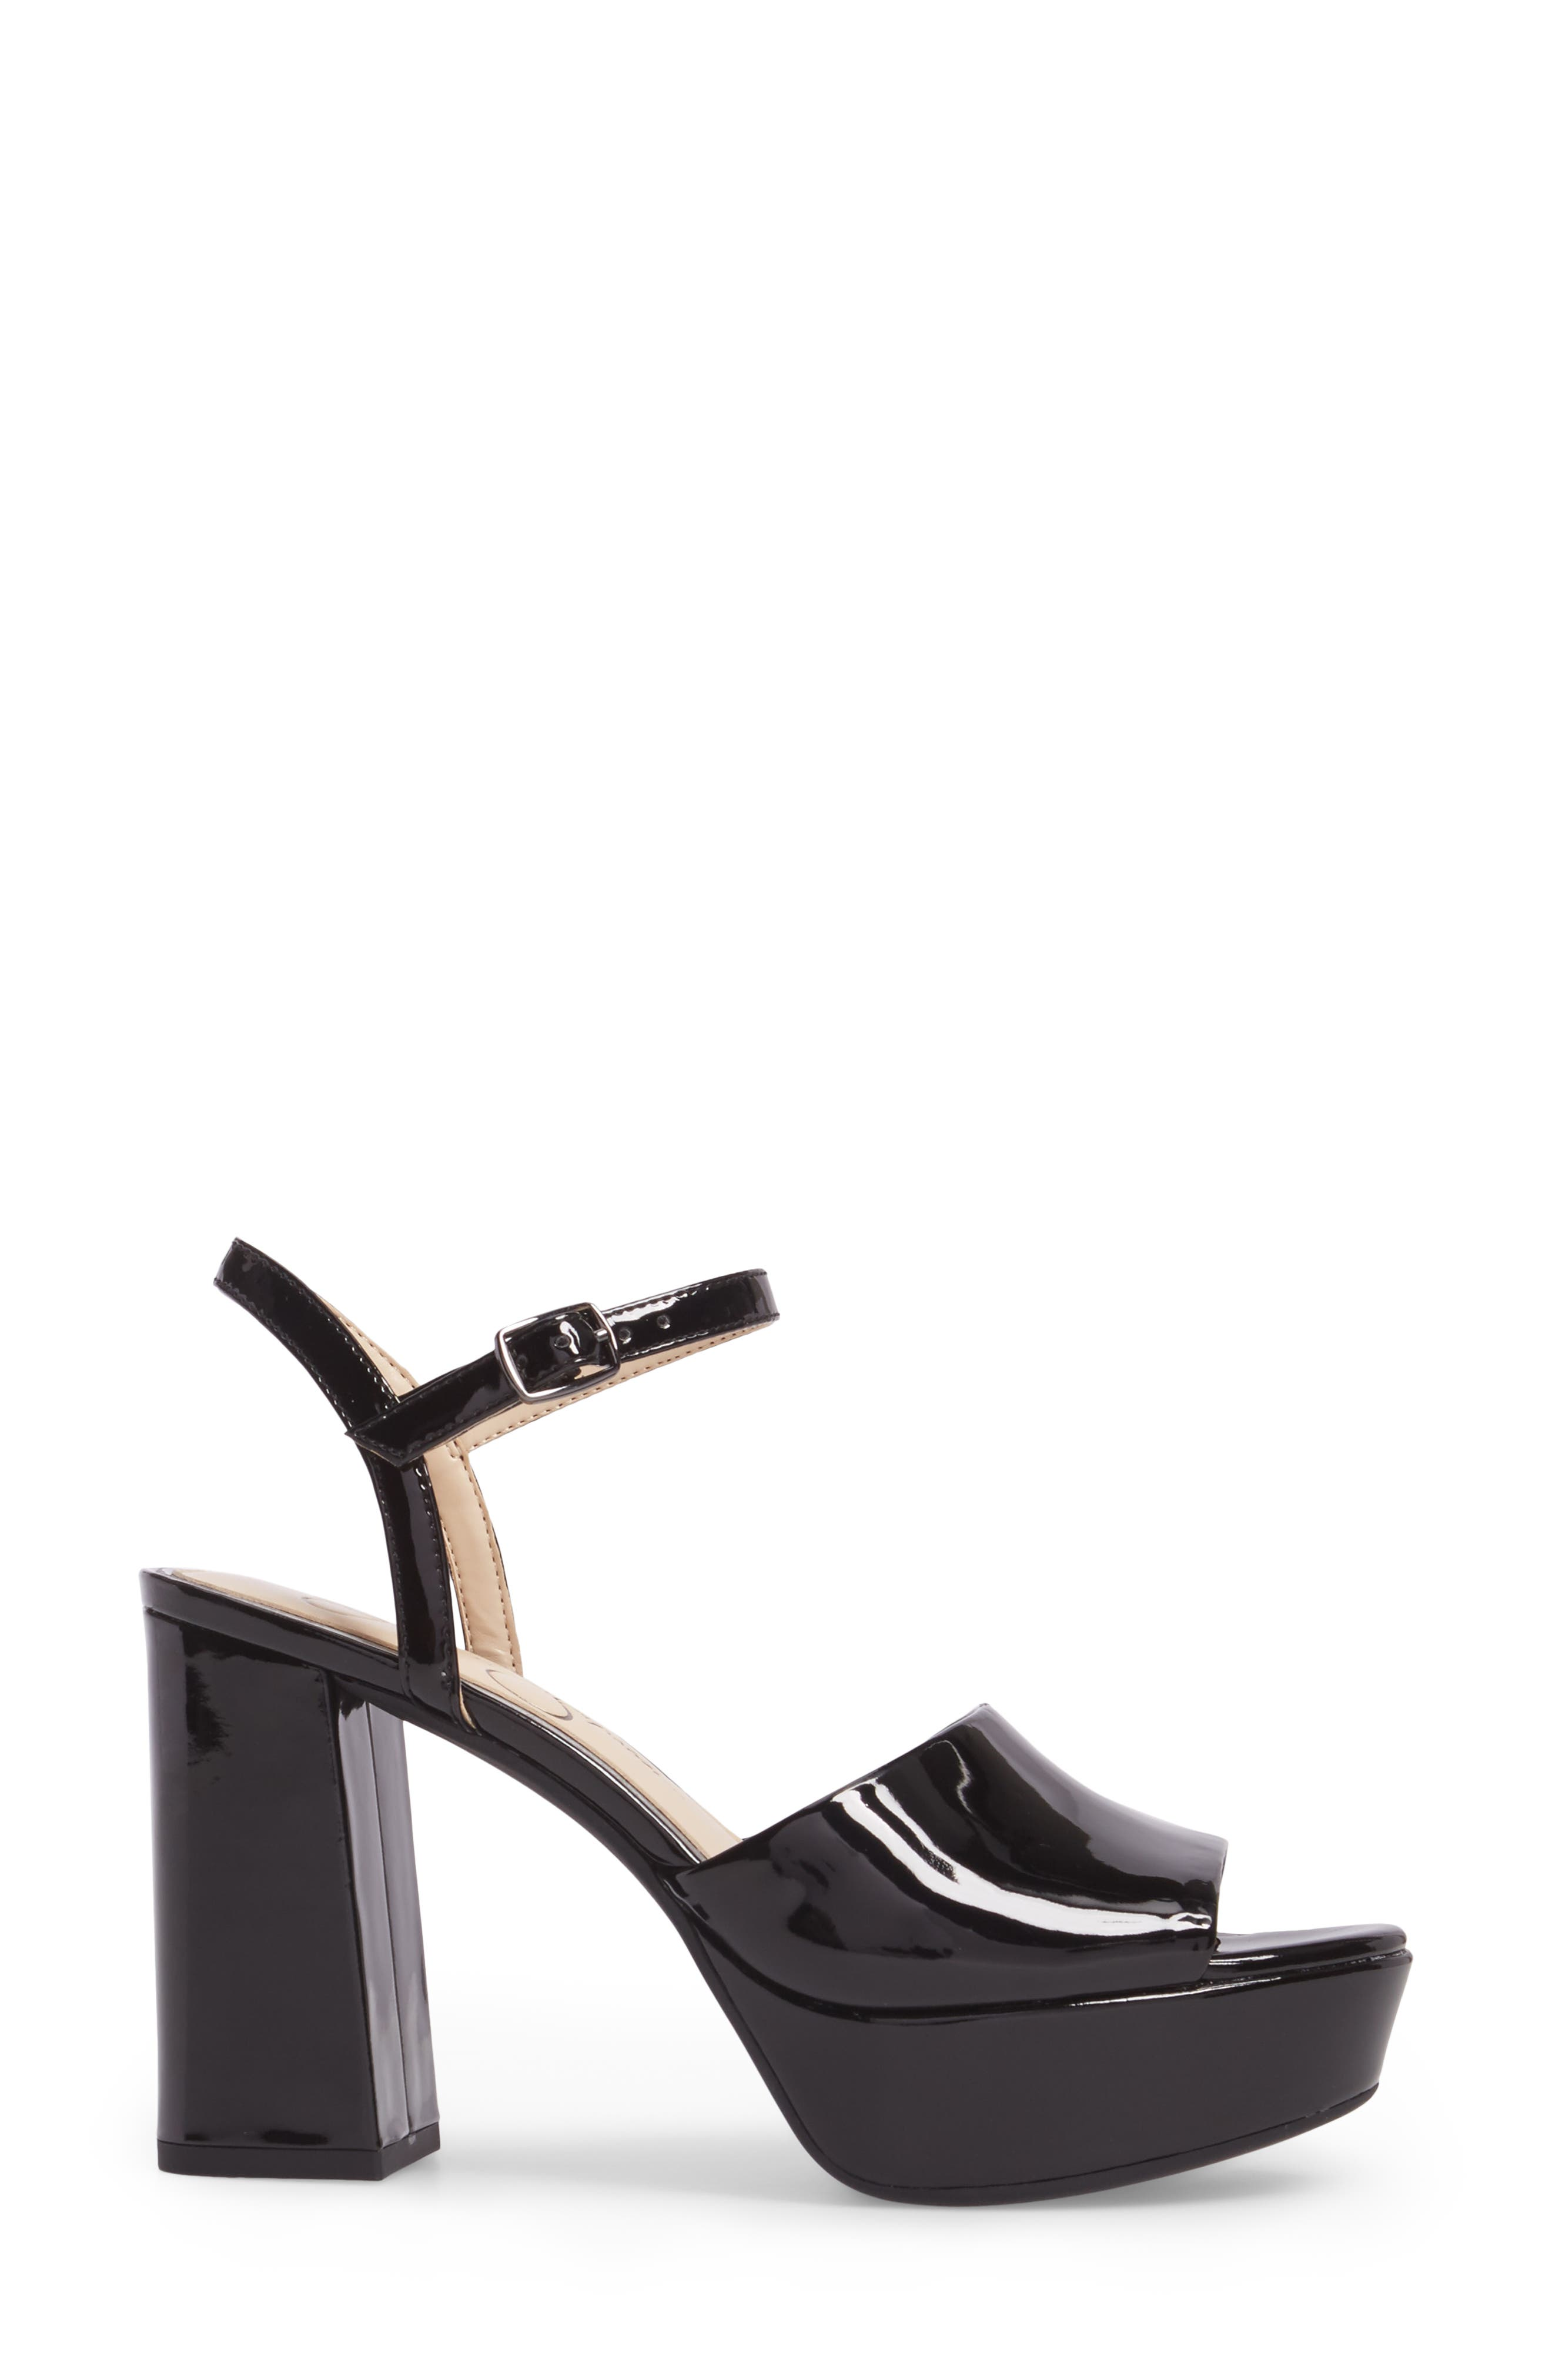 Kerrick Platform Sandal,                             Alternate thumbnail 3, color,                             Black Patent Leather